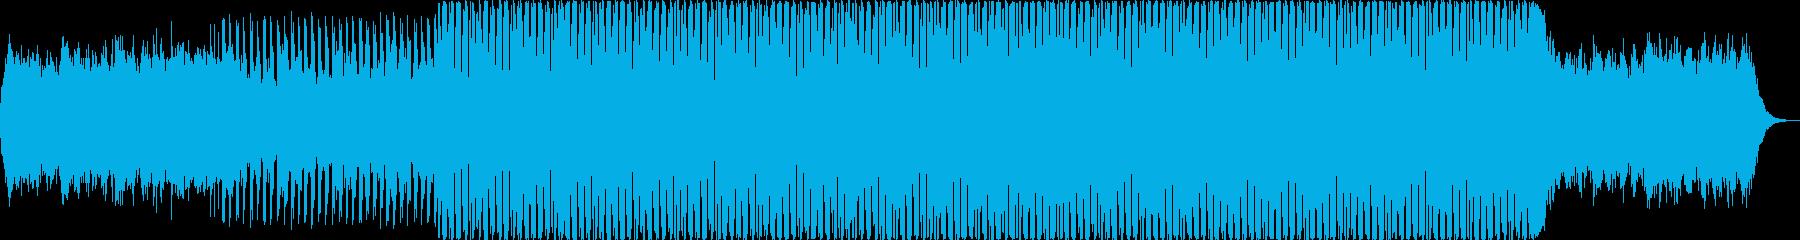 パズルゲーム向けのスローなアンビエントの再生済みの波形